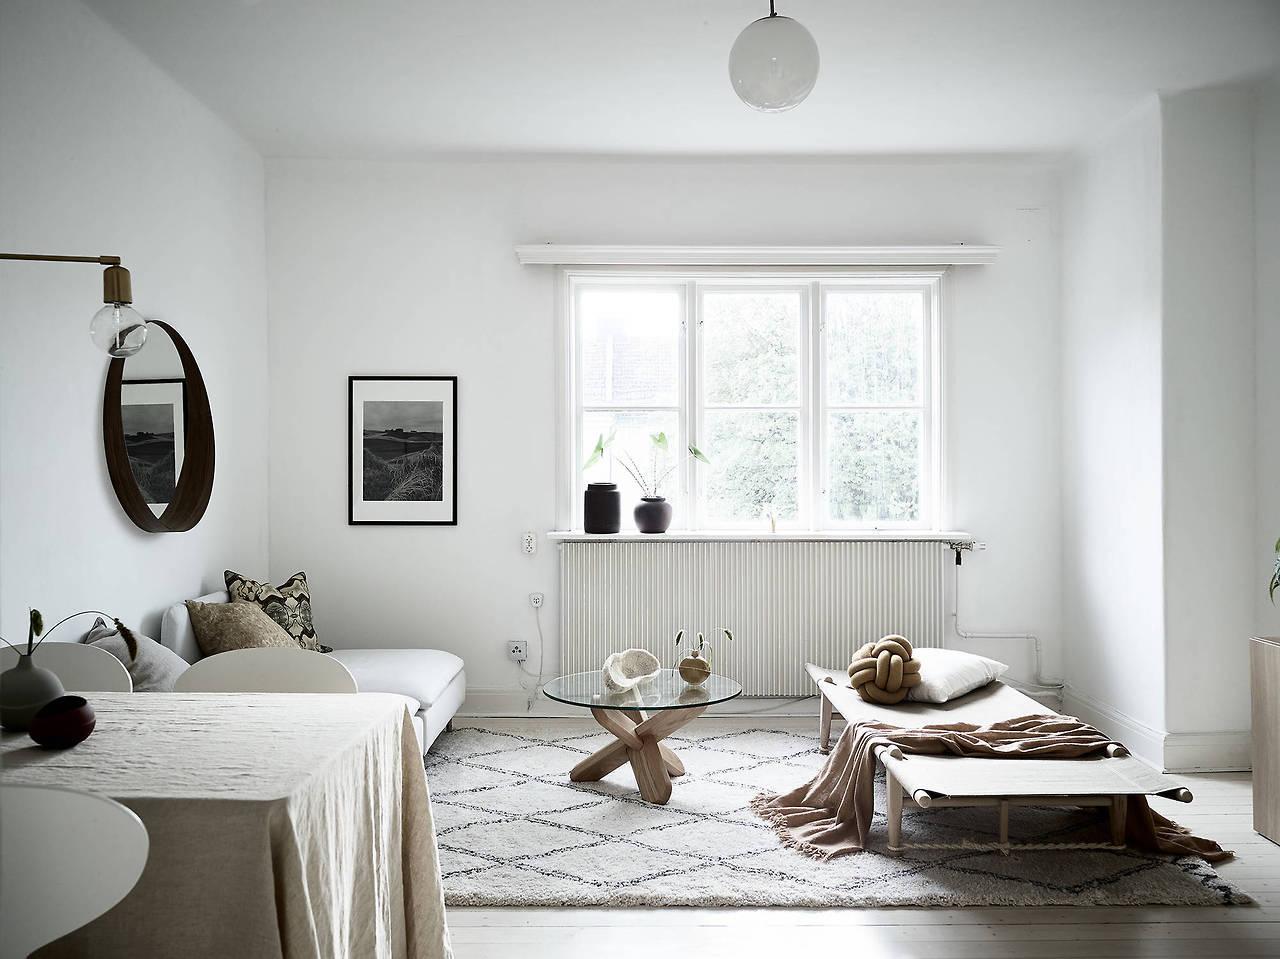 Dreamy warm scandinavian apartment daily dream decor - Apartment living room decor ...